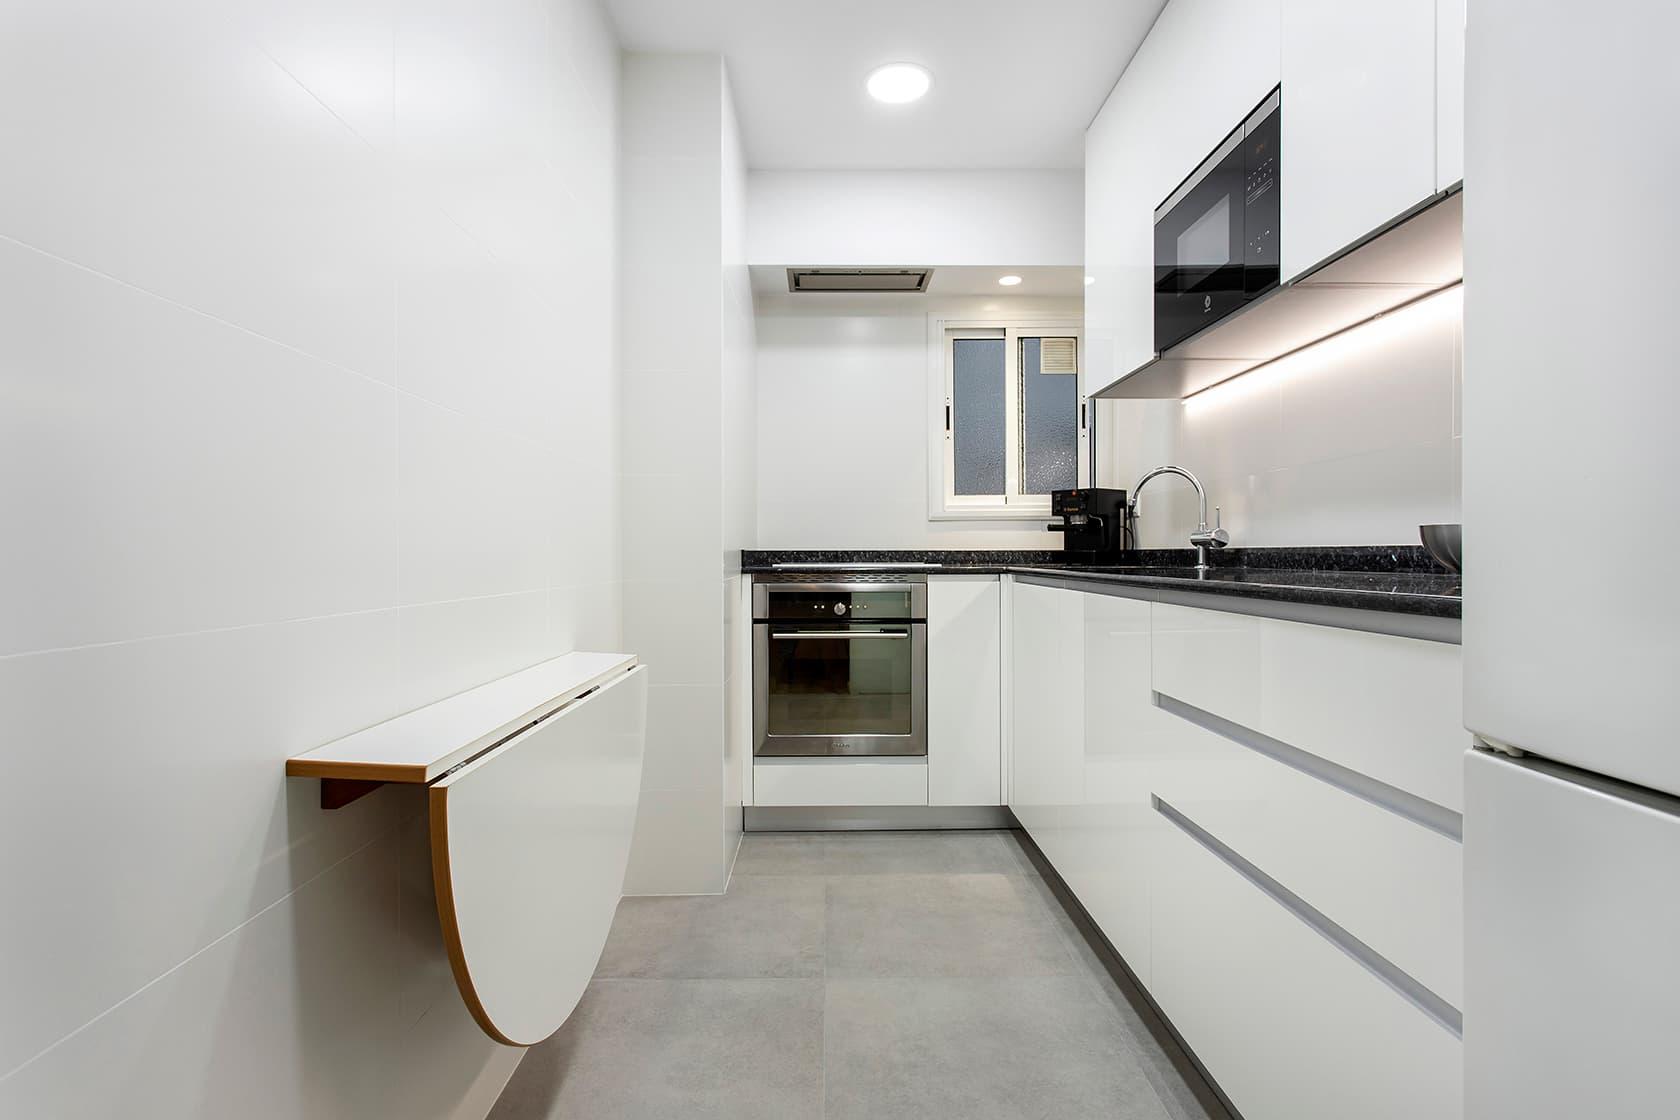 cocina reformada en blanco